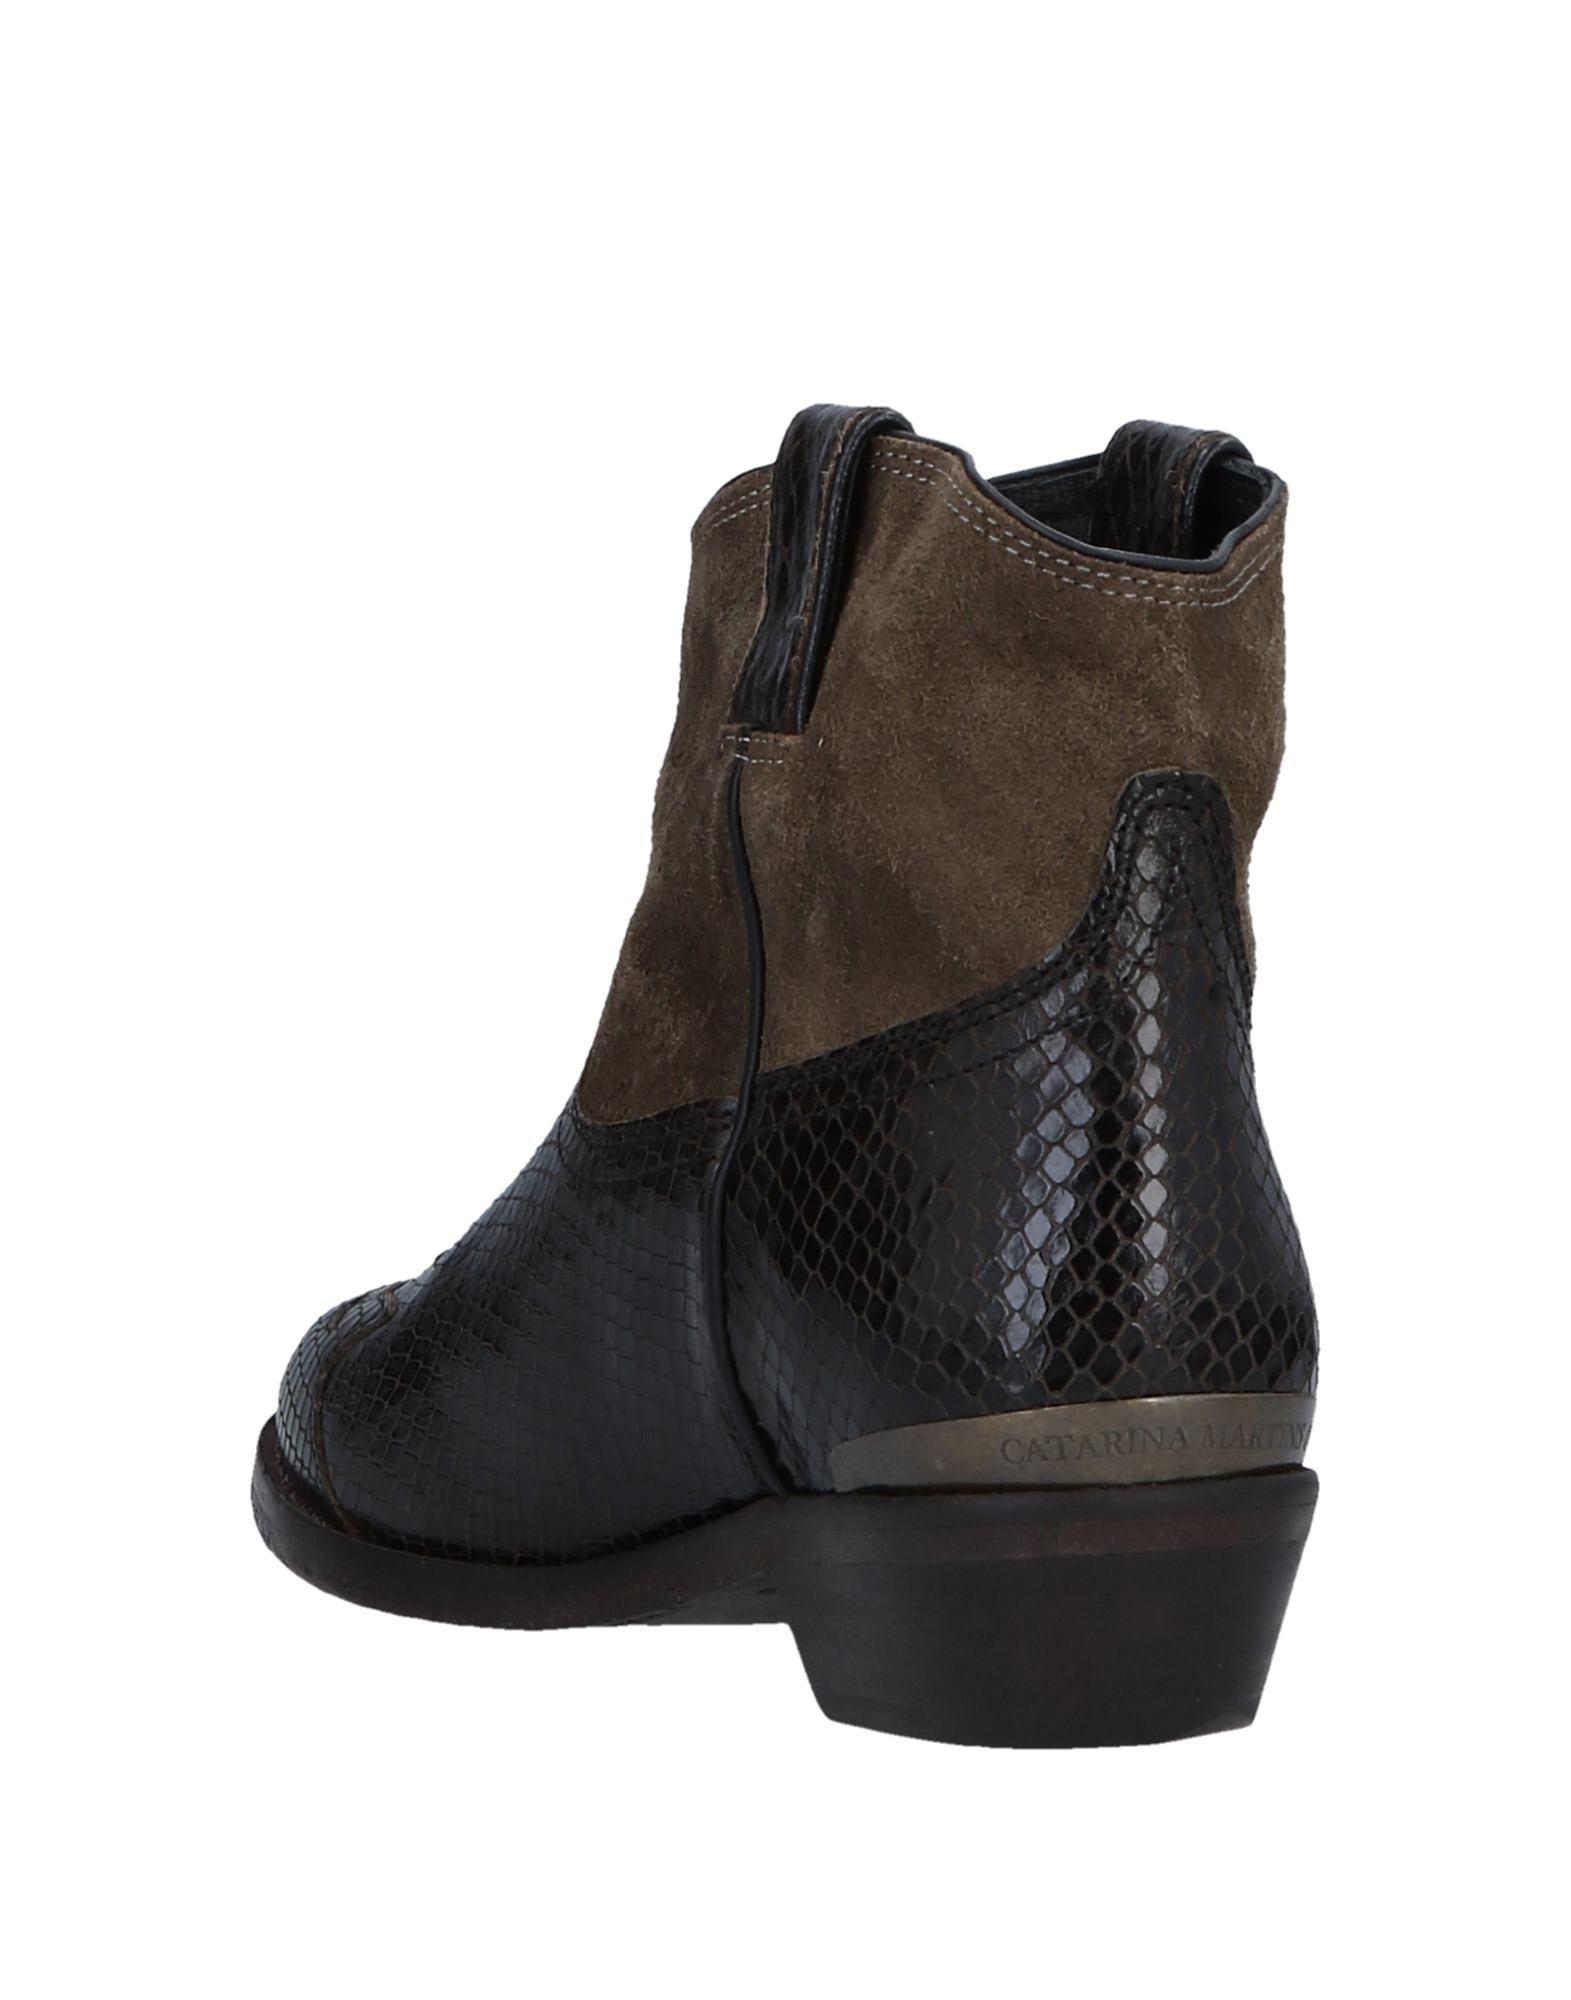 Gut um billige Damen Schuhe zu tragenCatarina Martins Stiefelette Damen billige  11521430PC e8ee7d